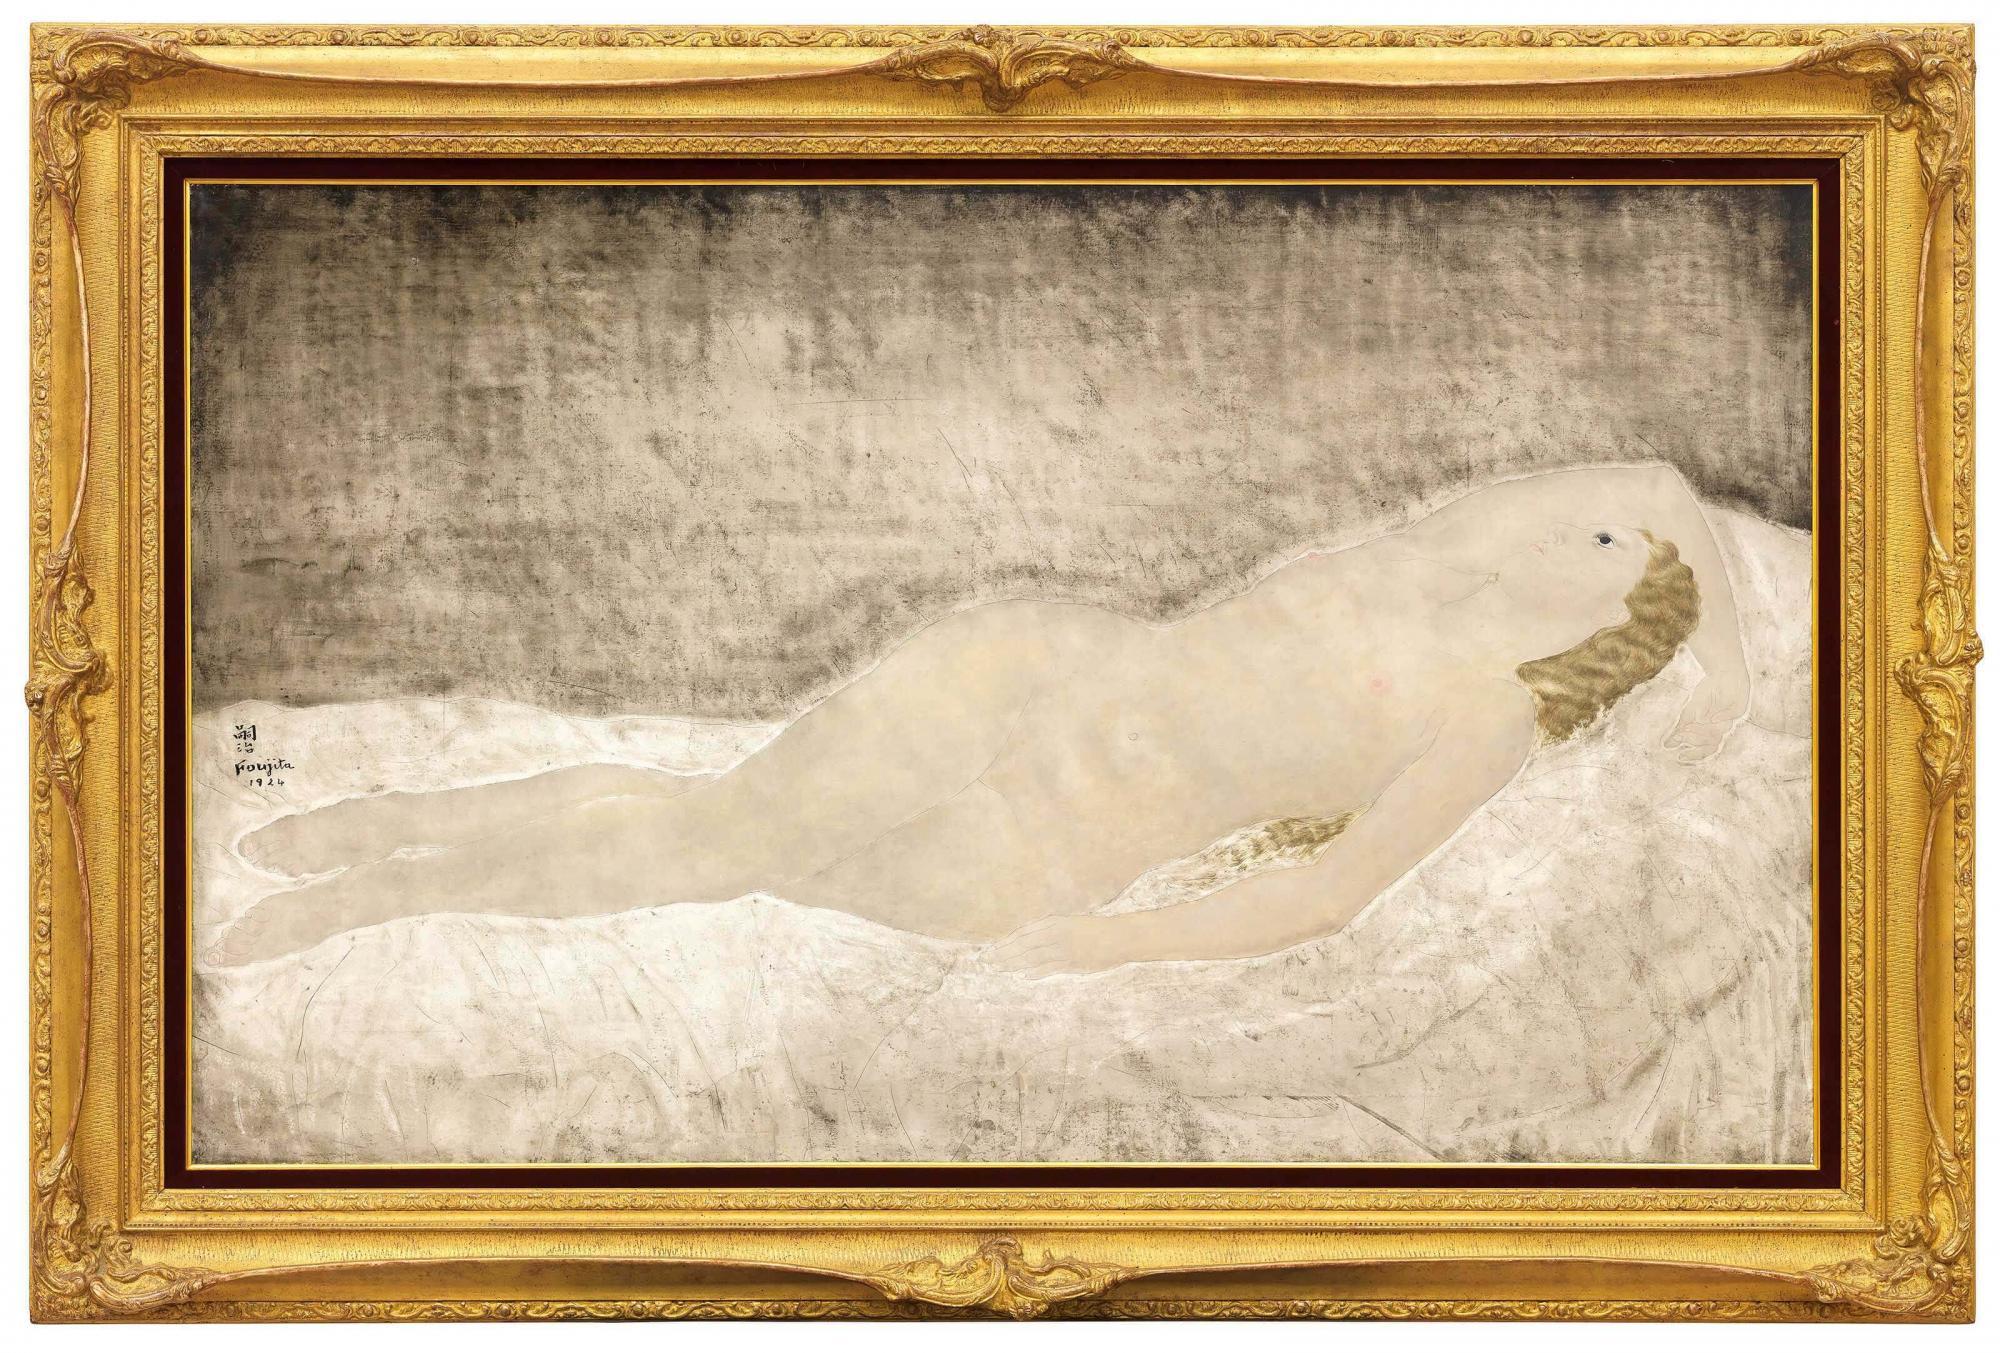 俄羅斯重要私人收藏 藤田嗣治 (1886-1968) 《躺臥的曲臂裸女》 油彩 畫布 89 x 146 公分 (35 x 57 1/2 吋) 1924 年作 港幣25,000,000 – 35,000,000 / 美元 3,300,000 – 4,500,000